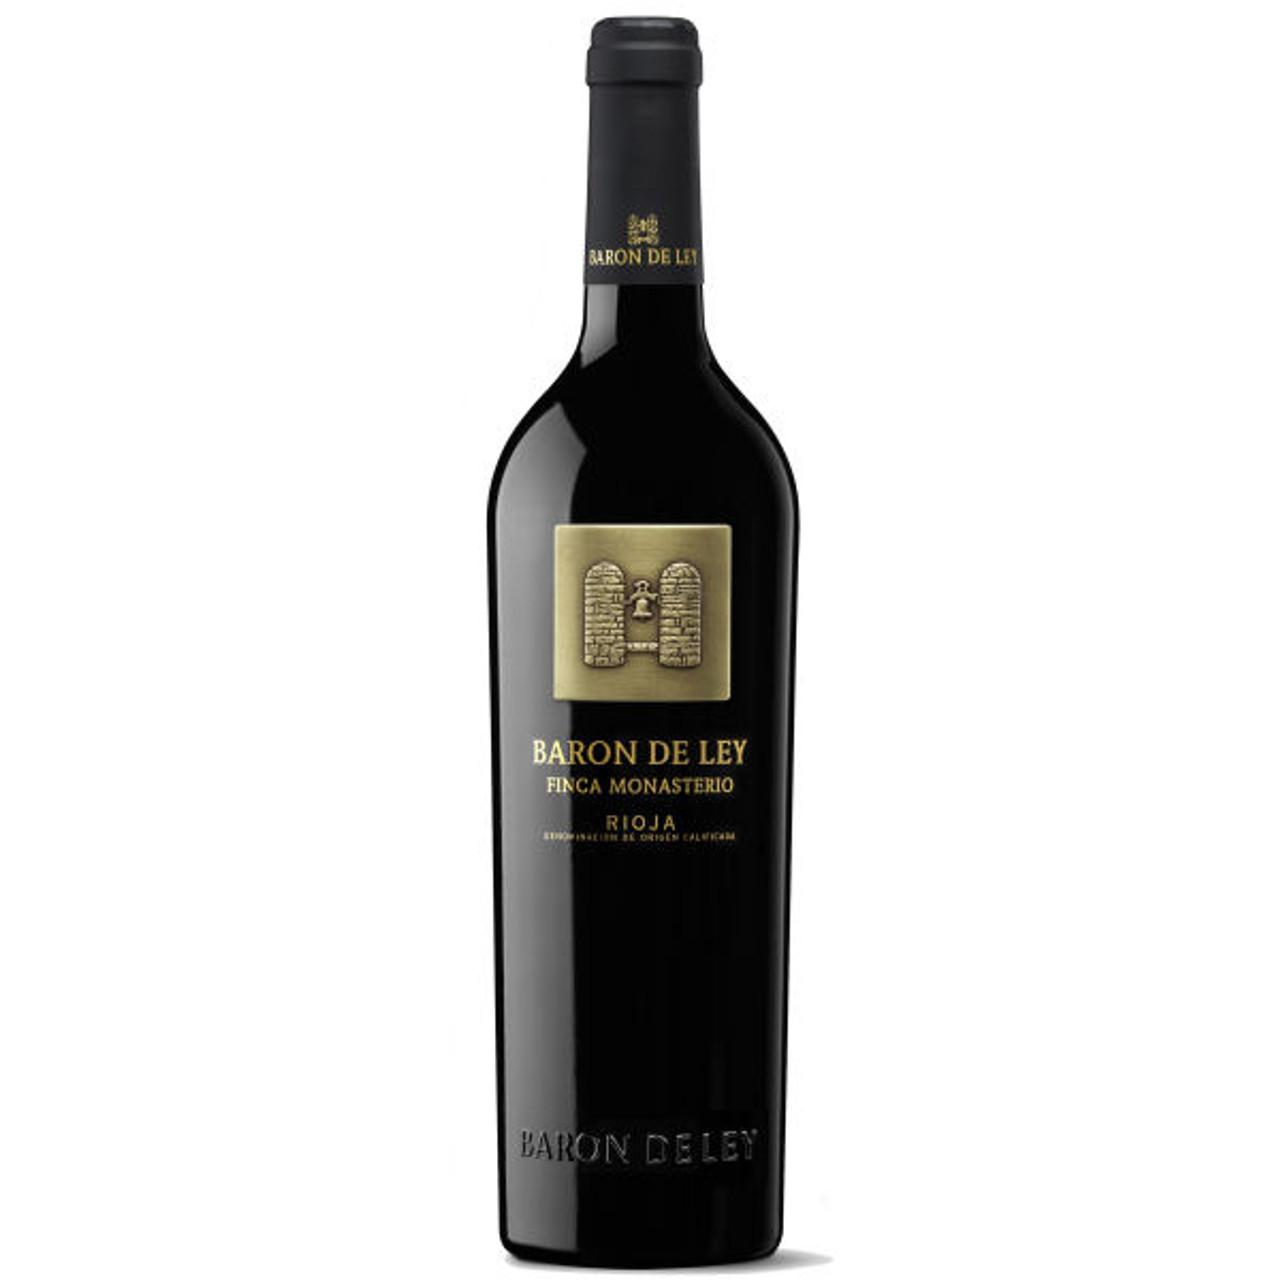 Baron de Ley Finca Monasterio Rioja